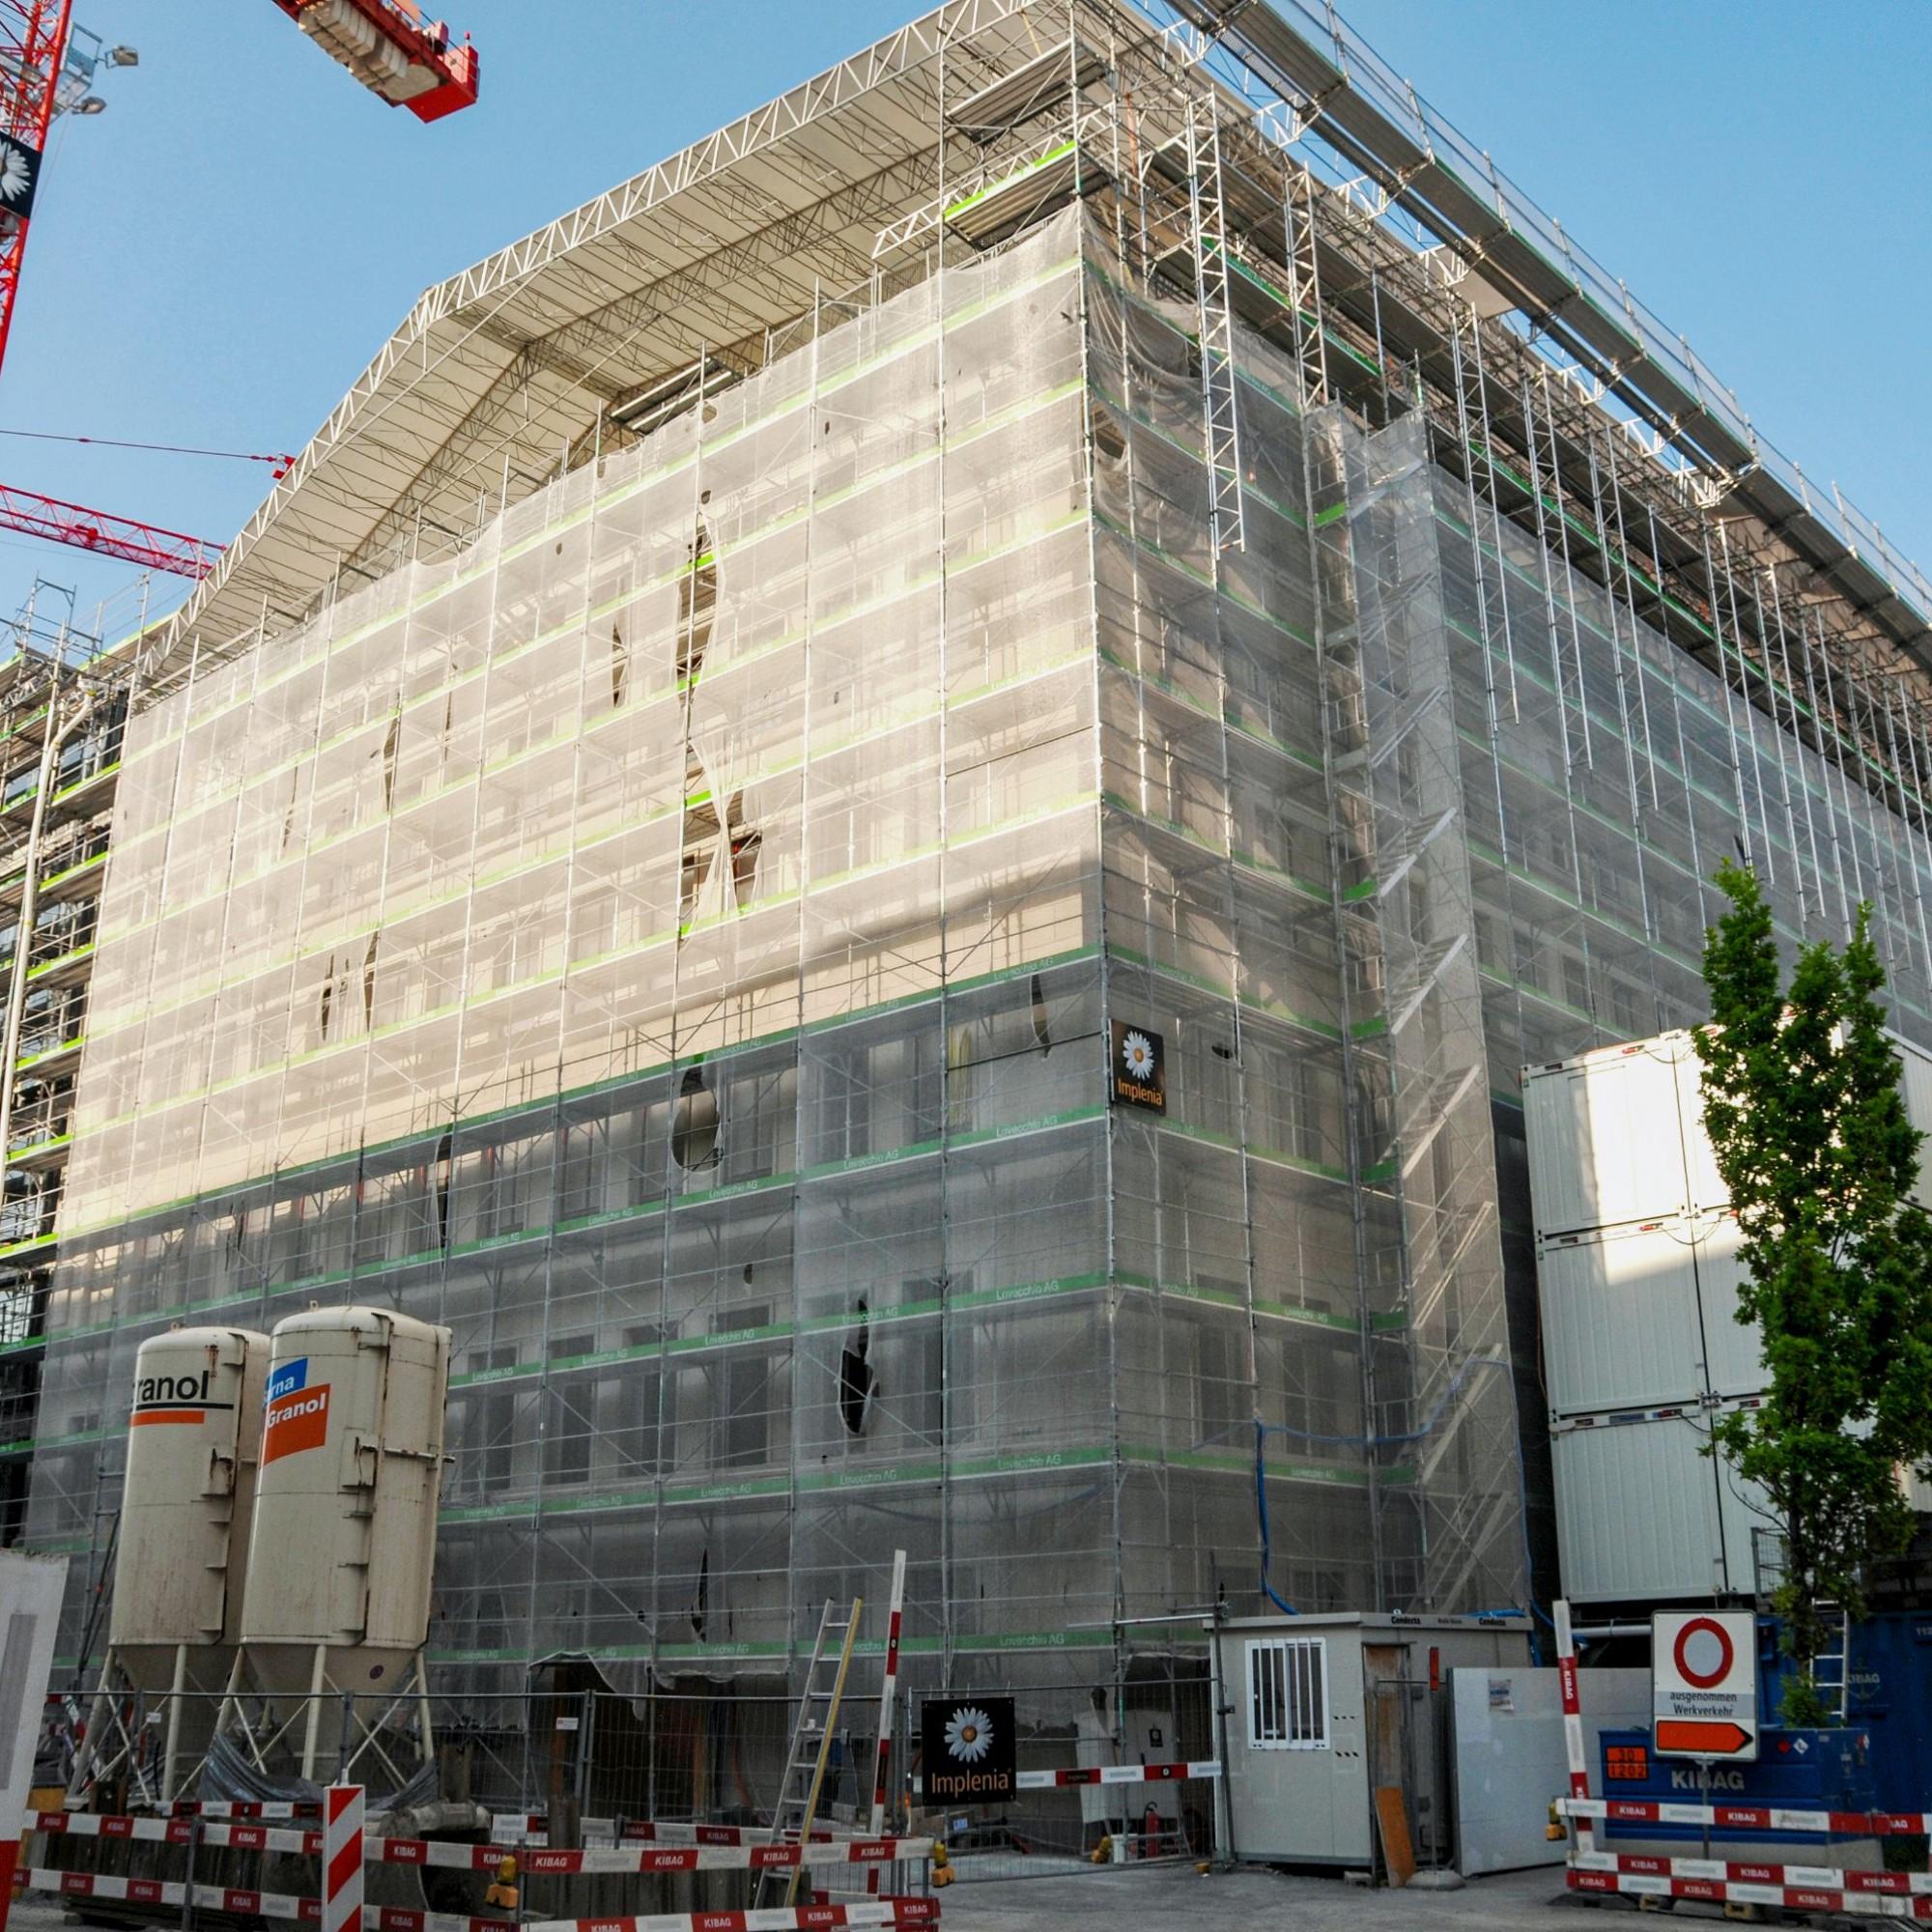 Implenia-Grossprojekt in Zürich: Sanierung und Neubau am Hauptsitz der Zürich Versicherungs-Gesellschaft AG.